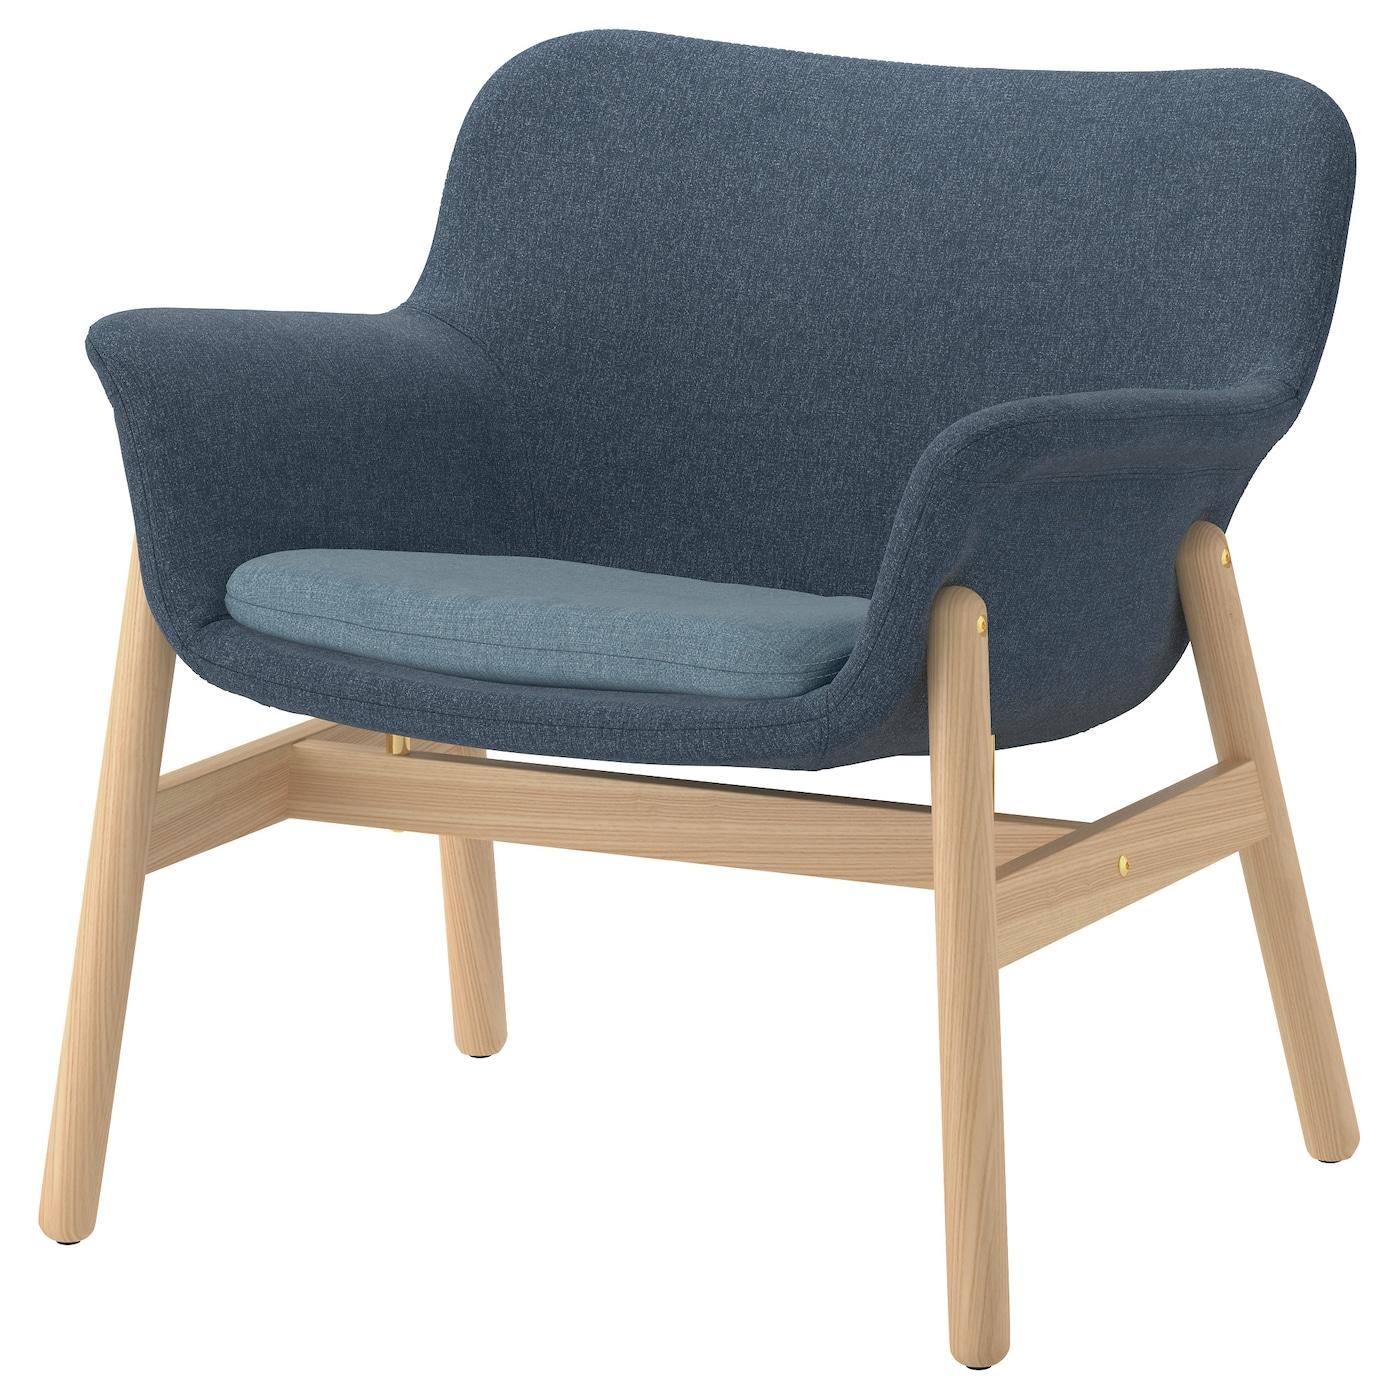 Sillones Cómodos y de Calidad | Compra Online IKEA